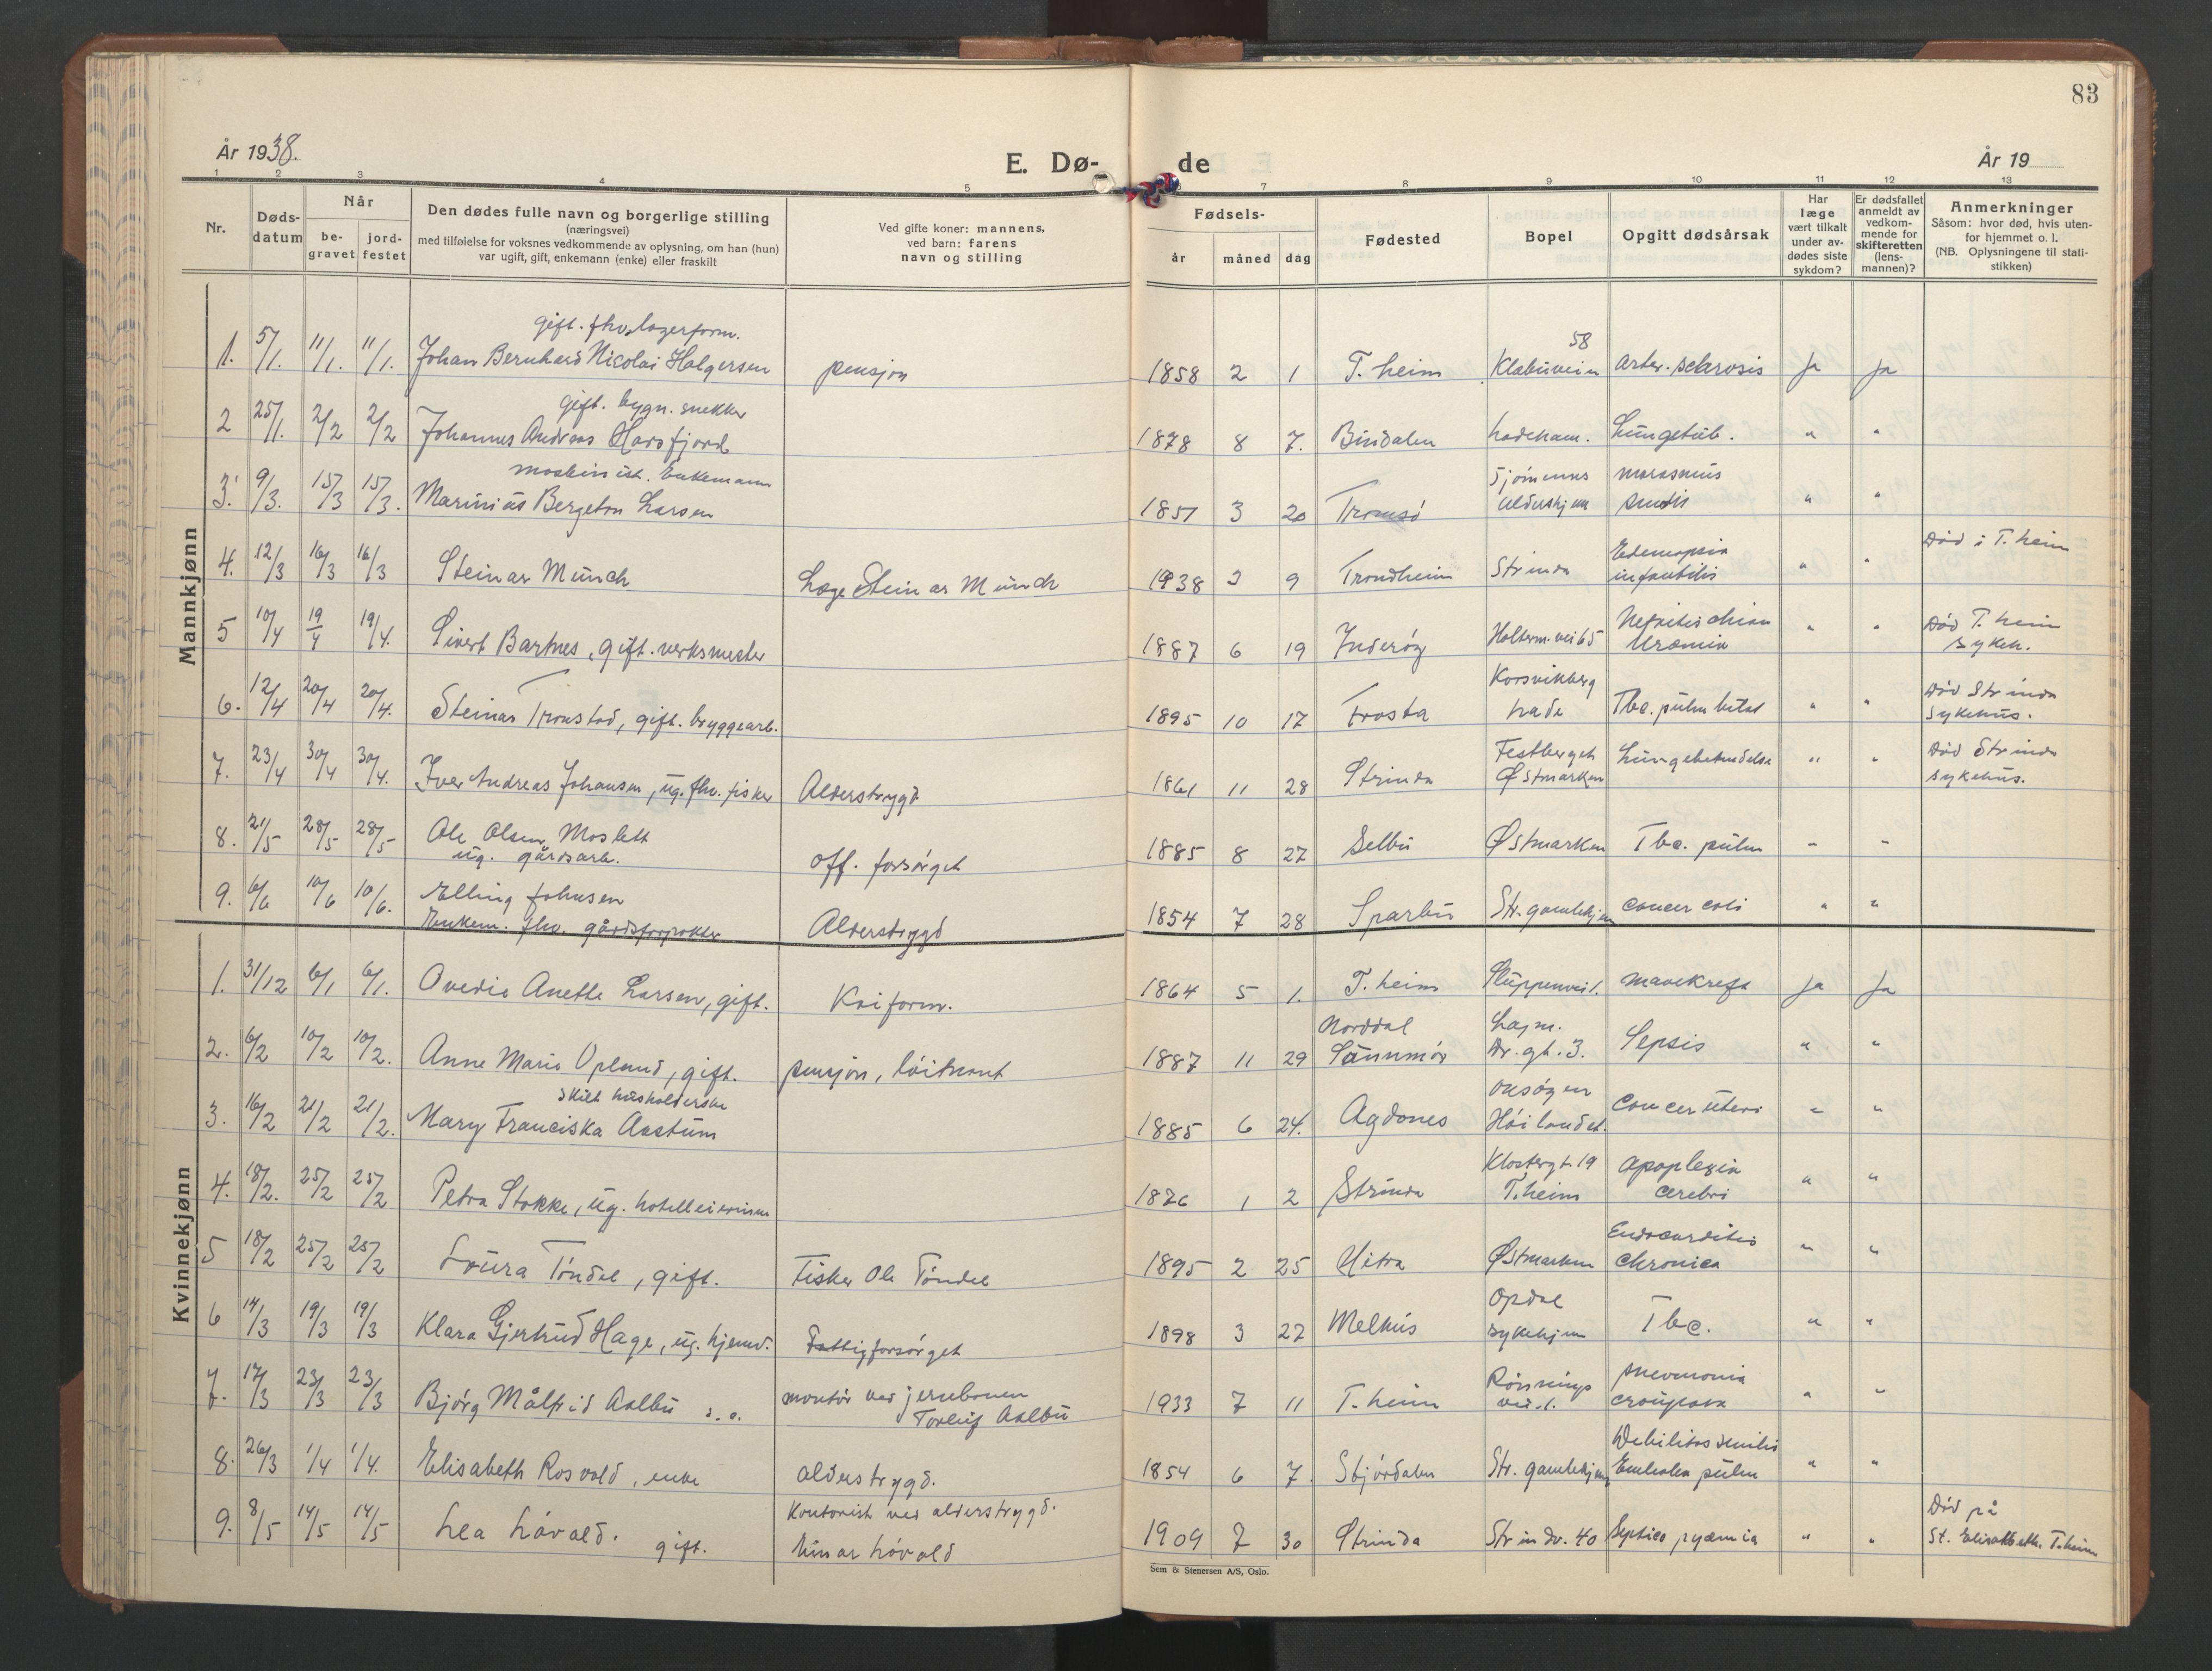 SAT, Ministerialprotokoller, klokkerbøker og fødselsregistre - Sør-Trøndelag, 606/L0315: Klokkerbok nr. 606C11, 1938-1947, s. 83